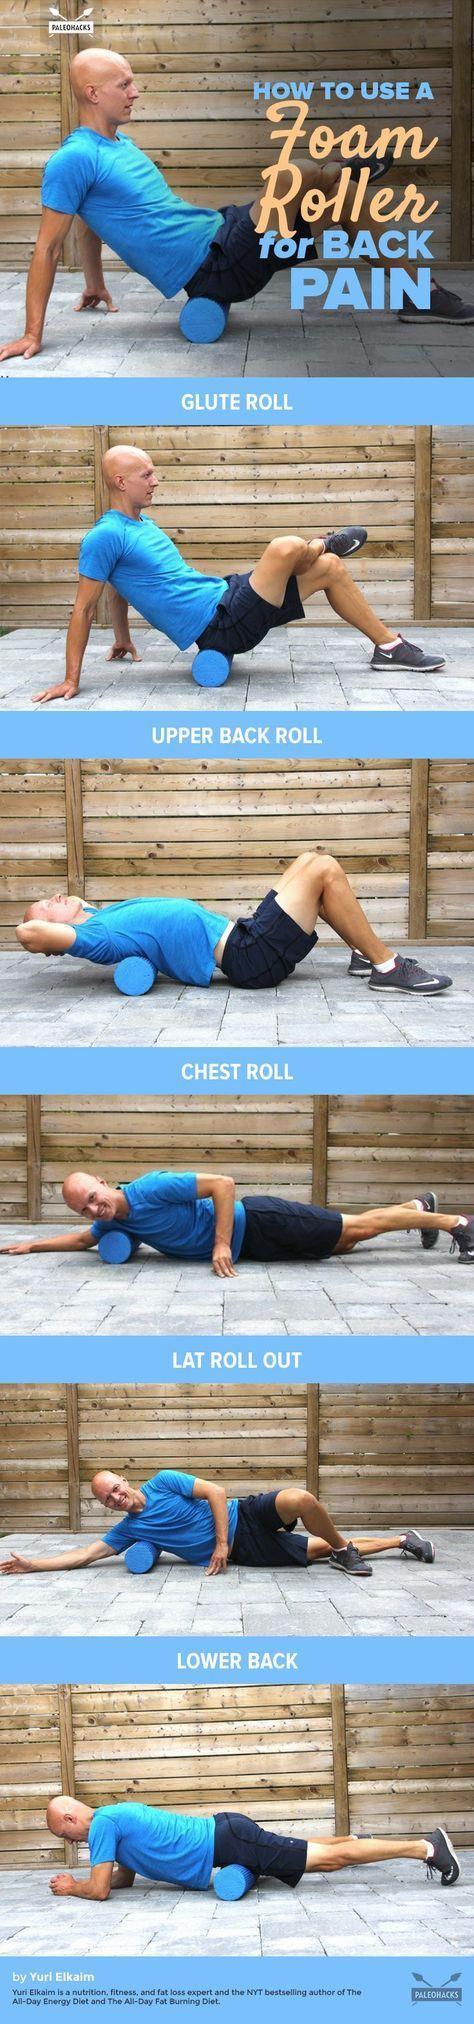 foam roller exercises for back painfoam roller exerci